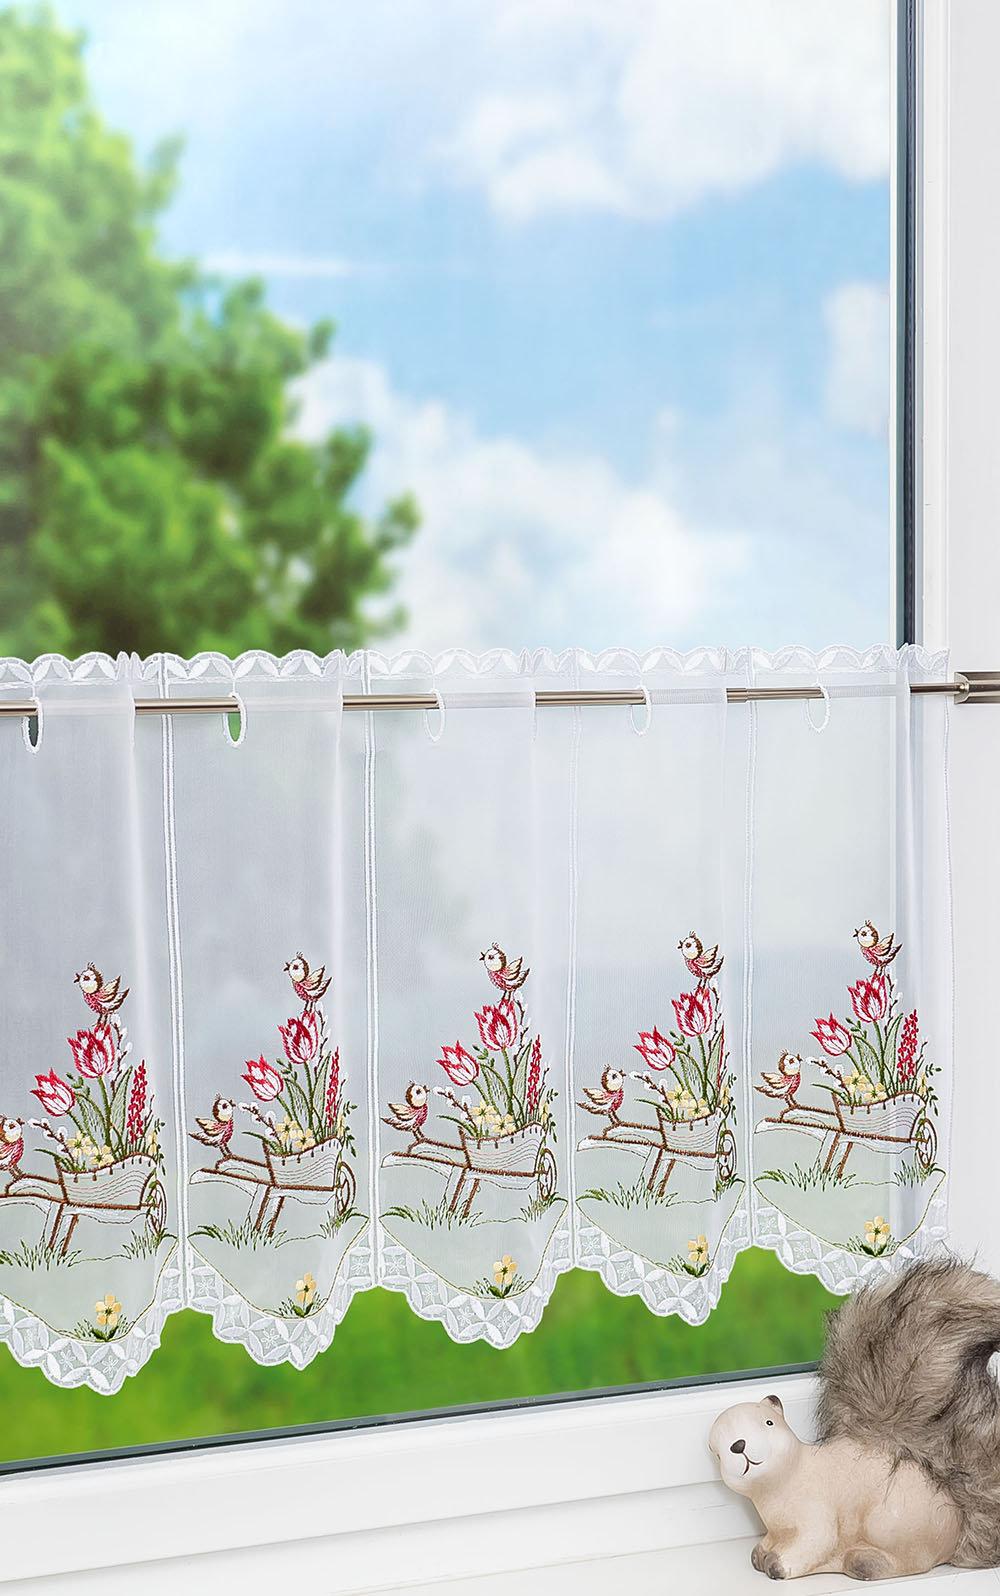 Full Size of Scheibengardine Modern Scheibengardinen Klassisch Bistrogardinen Auf Küche Holz Moderne Deckenleuchte Wohnzimmer Landhausküche Deckenlampen Modernes Bett Wohnzimmer Scheibengardine Modern